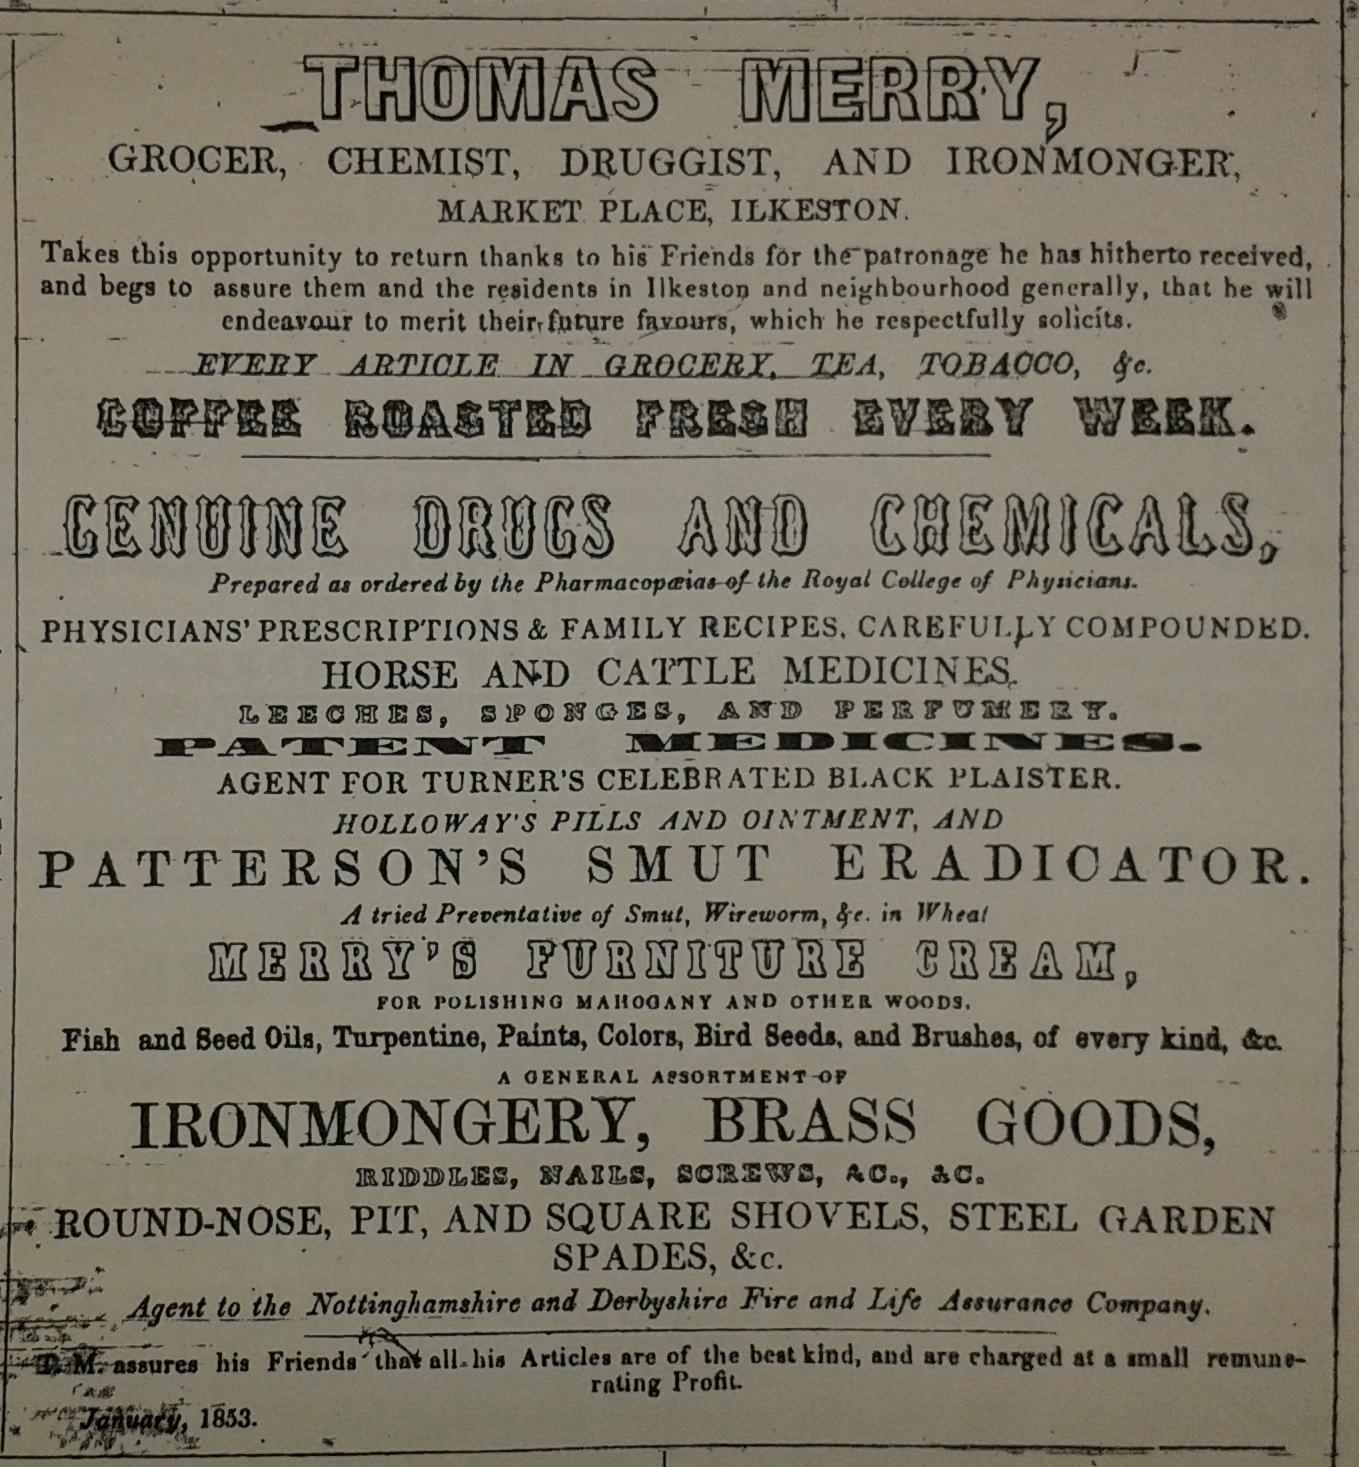 thomas-merry-1853